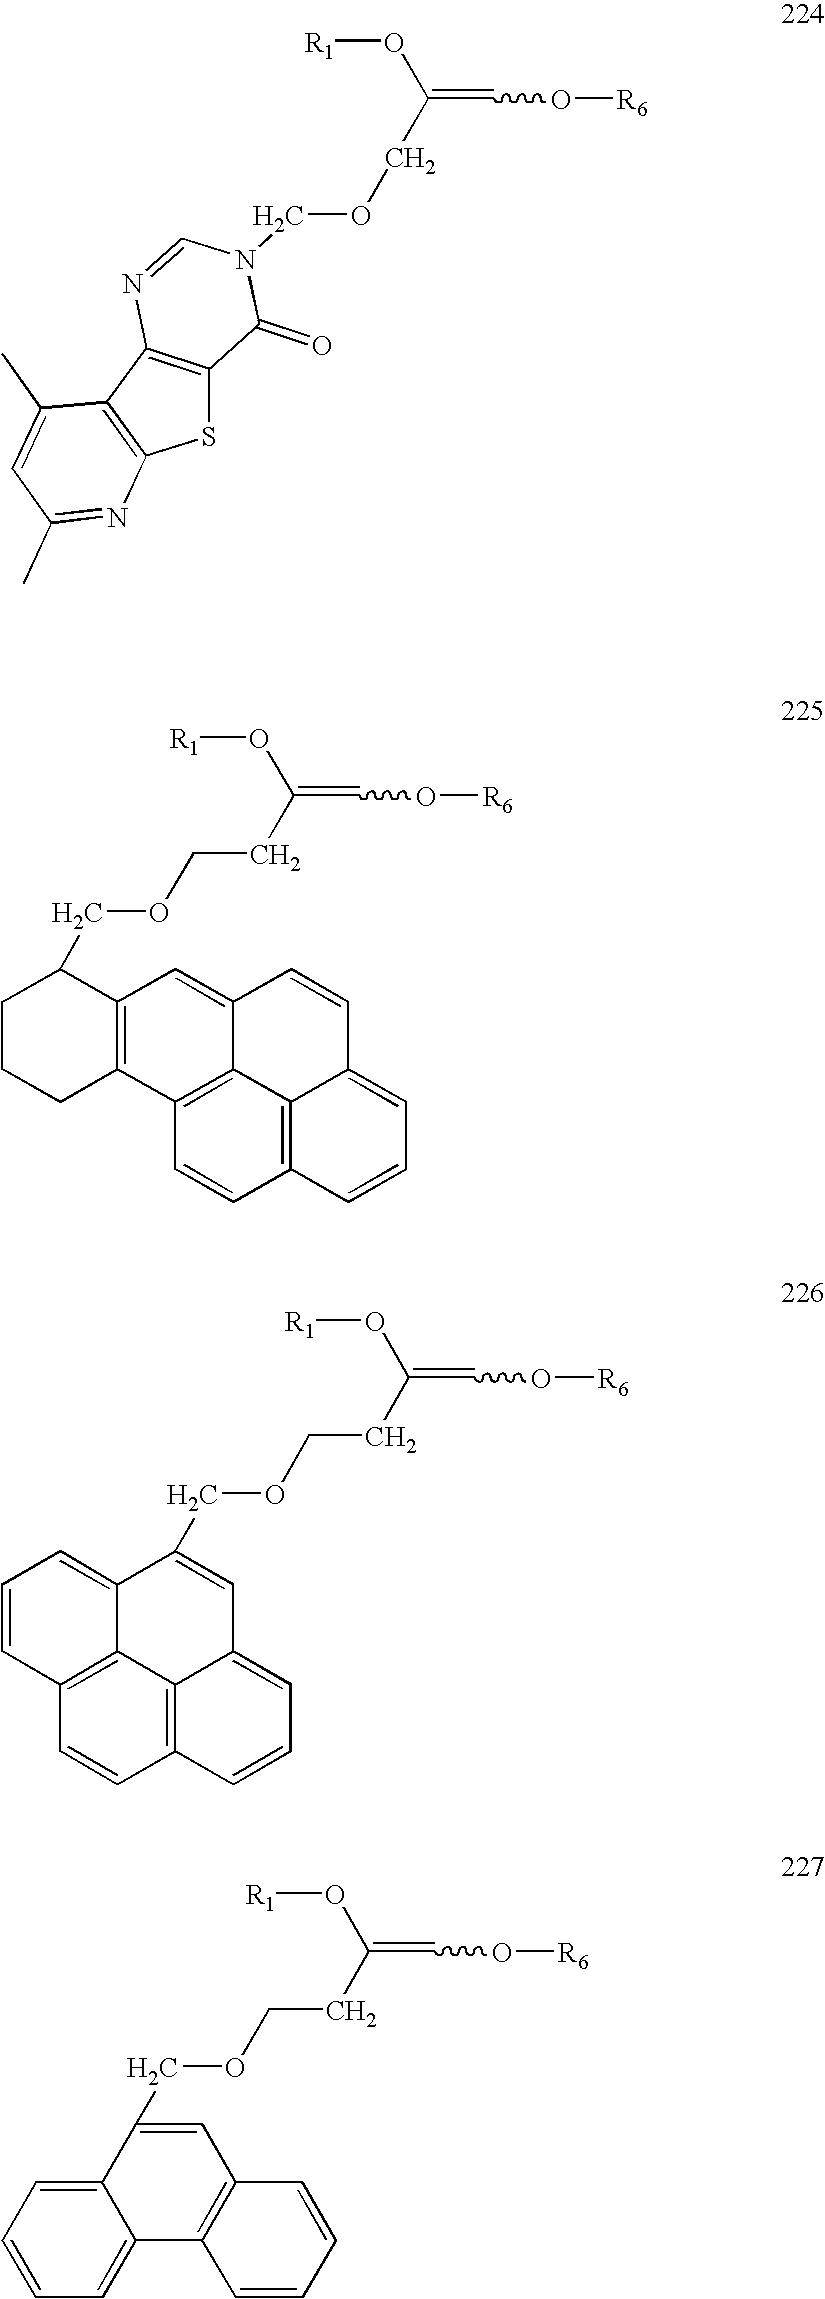 Figure US20060014144A1-20060119-C00137